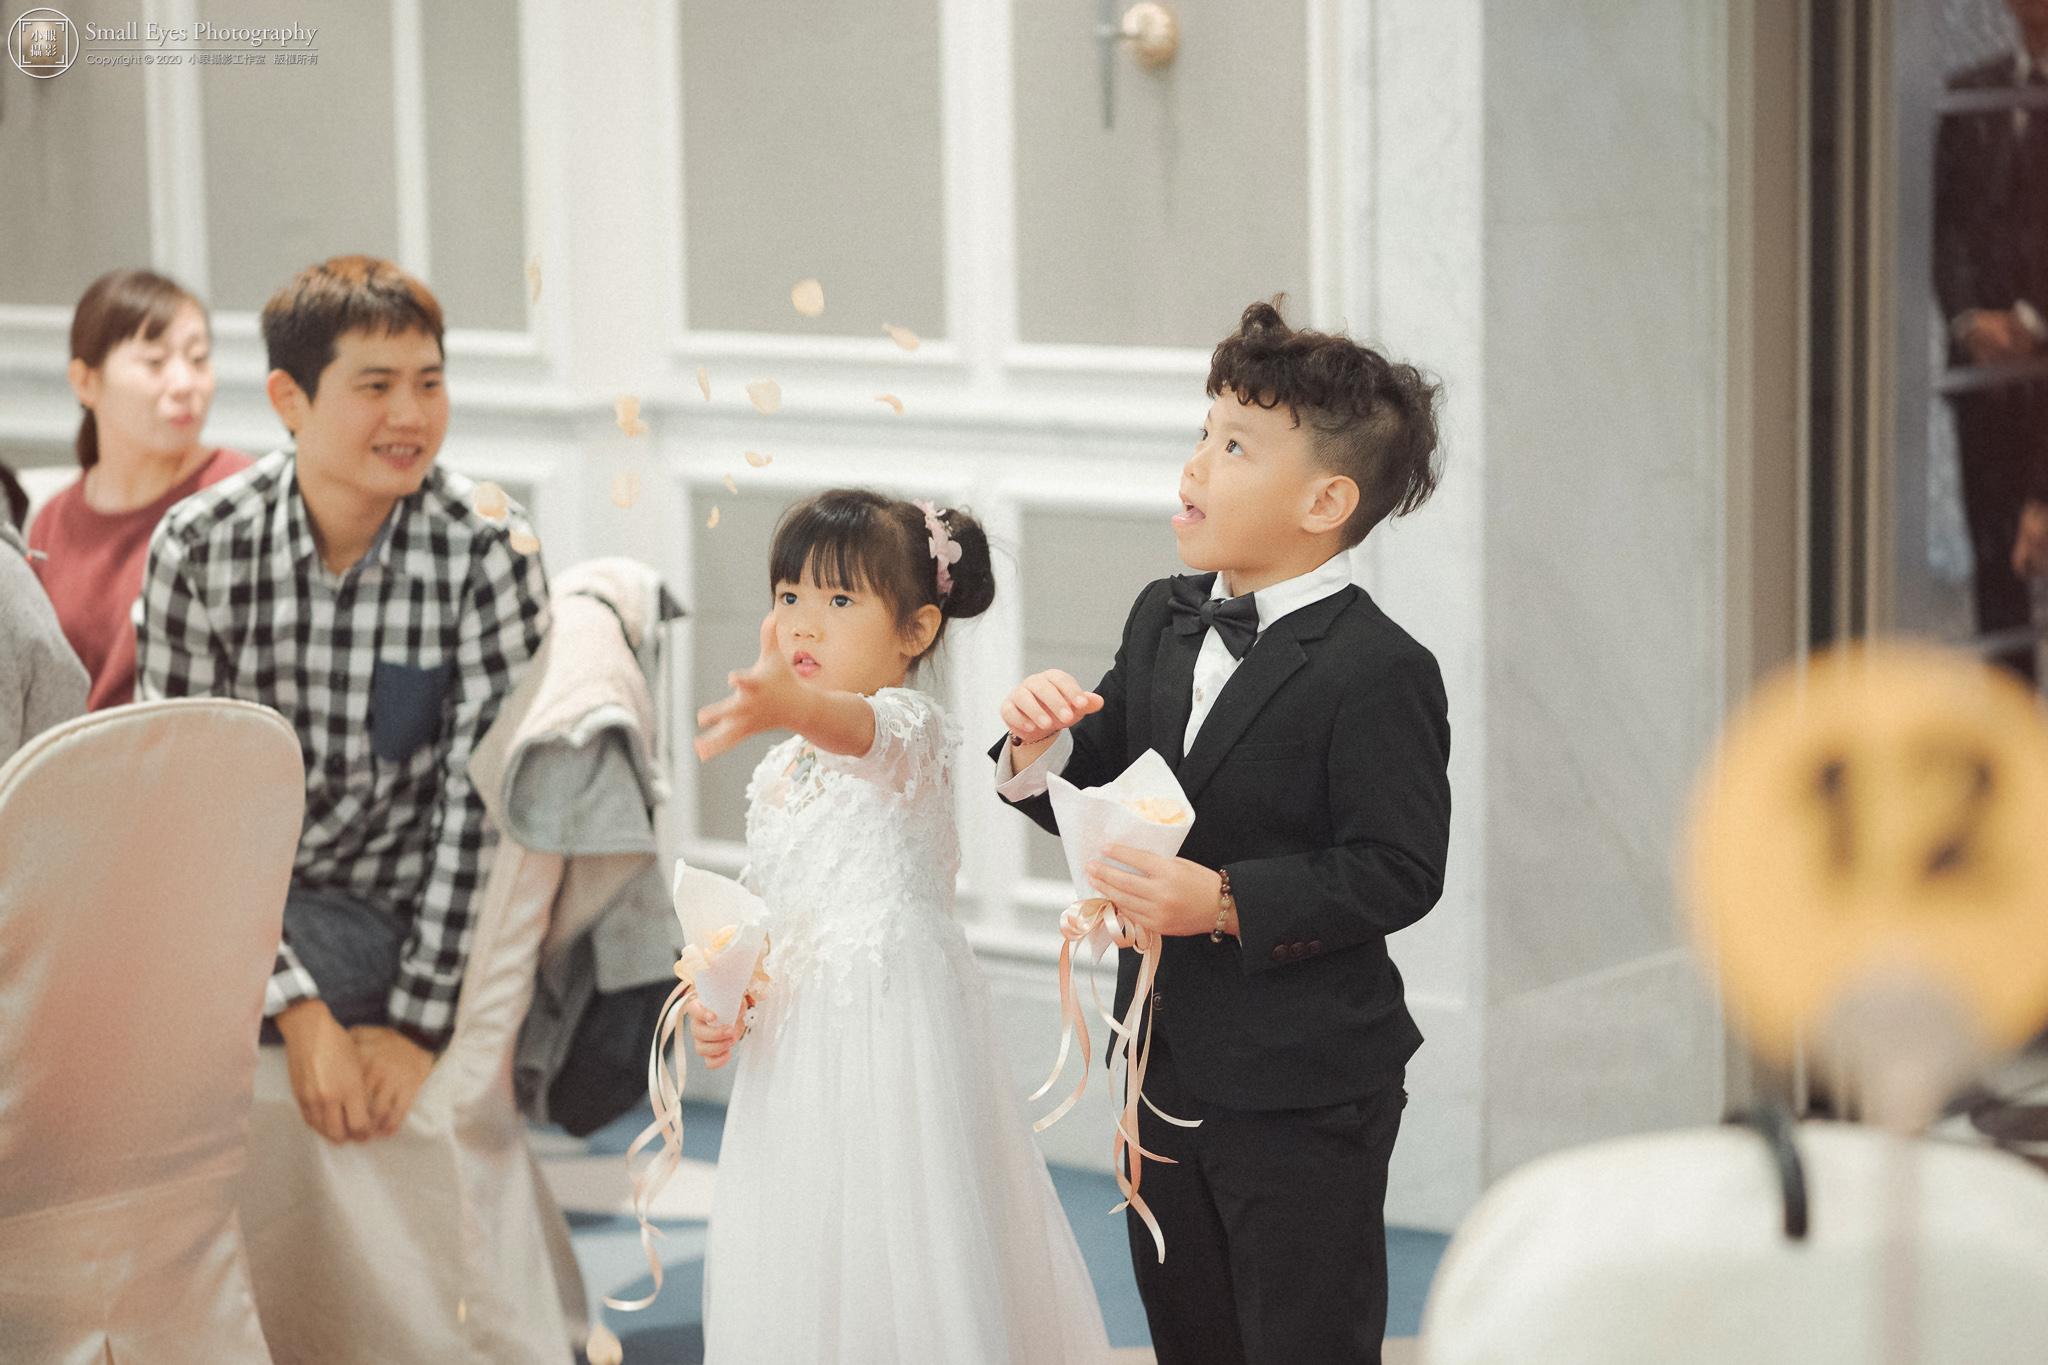 小眼攝影,婚禮攝影,婚禮,婚禮紀錄,婚禮紀實,婚攝,迎娶,傅祐承,新秘瓜瓜,台北,東方文華,花童